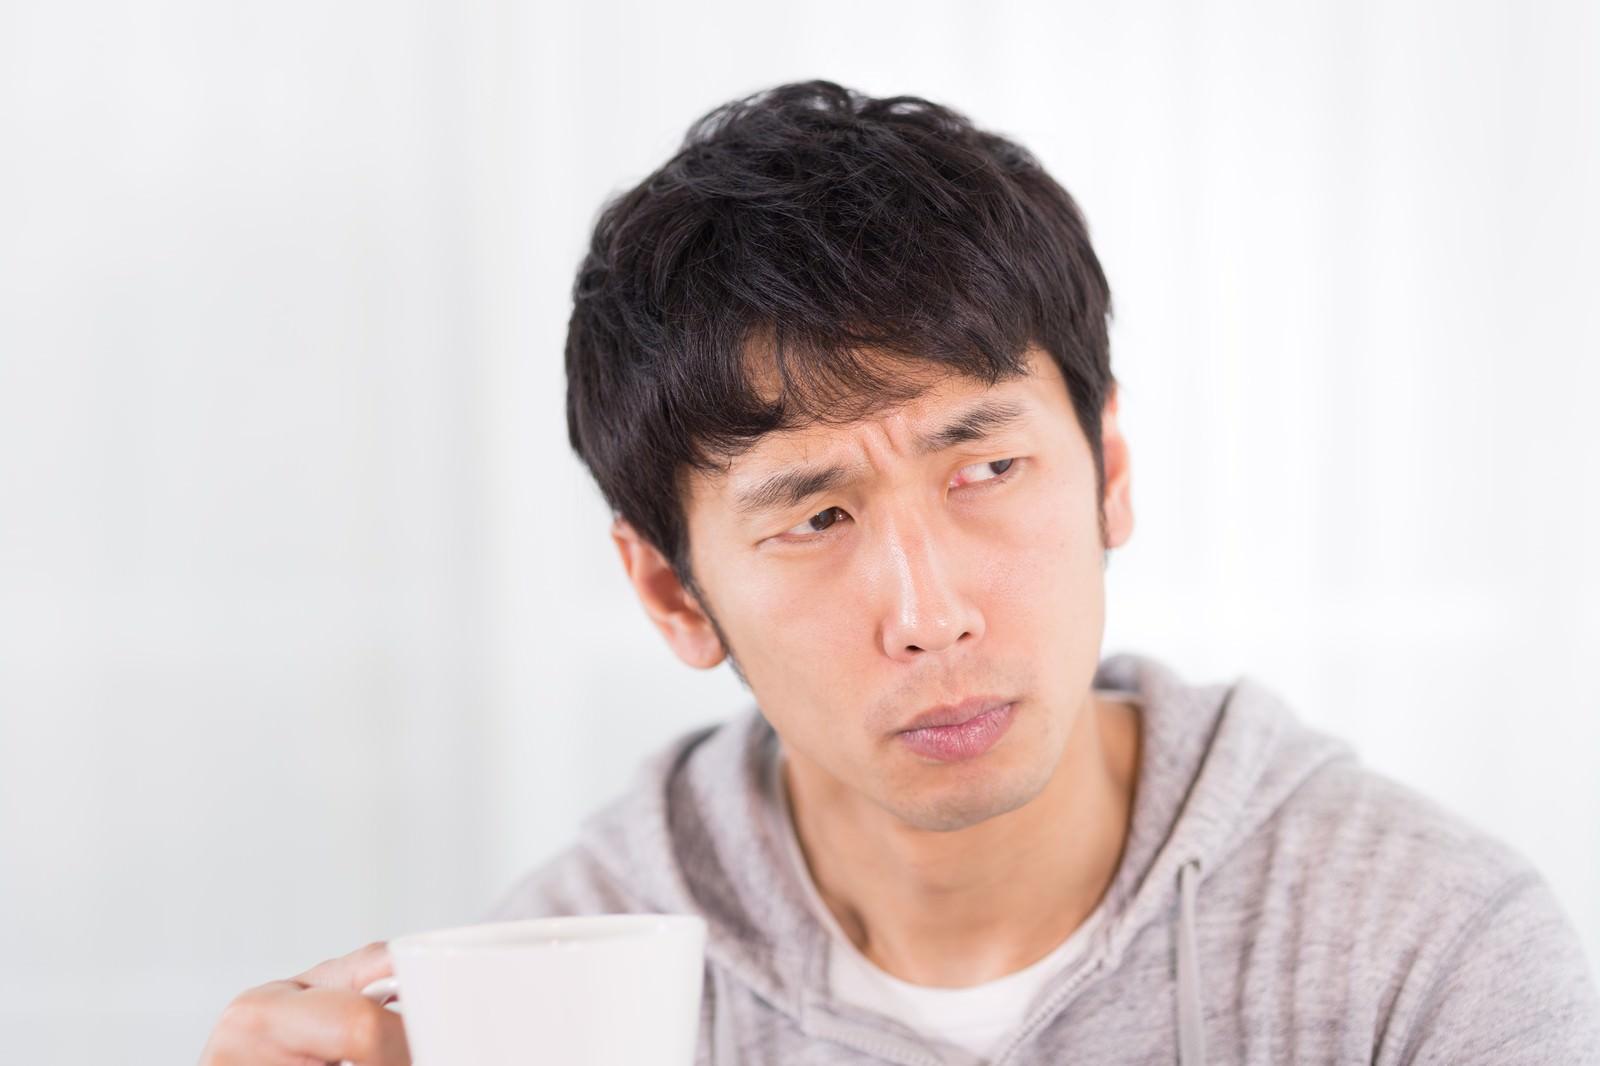 「慎重にテイスティングをするコーヒーマイスター慎重にテイスティングをするコーヒーマイスター」[モデル:大川竜弥]のフリー写真素材を拡大